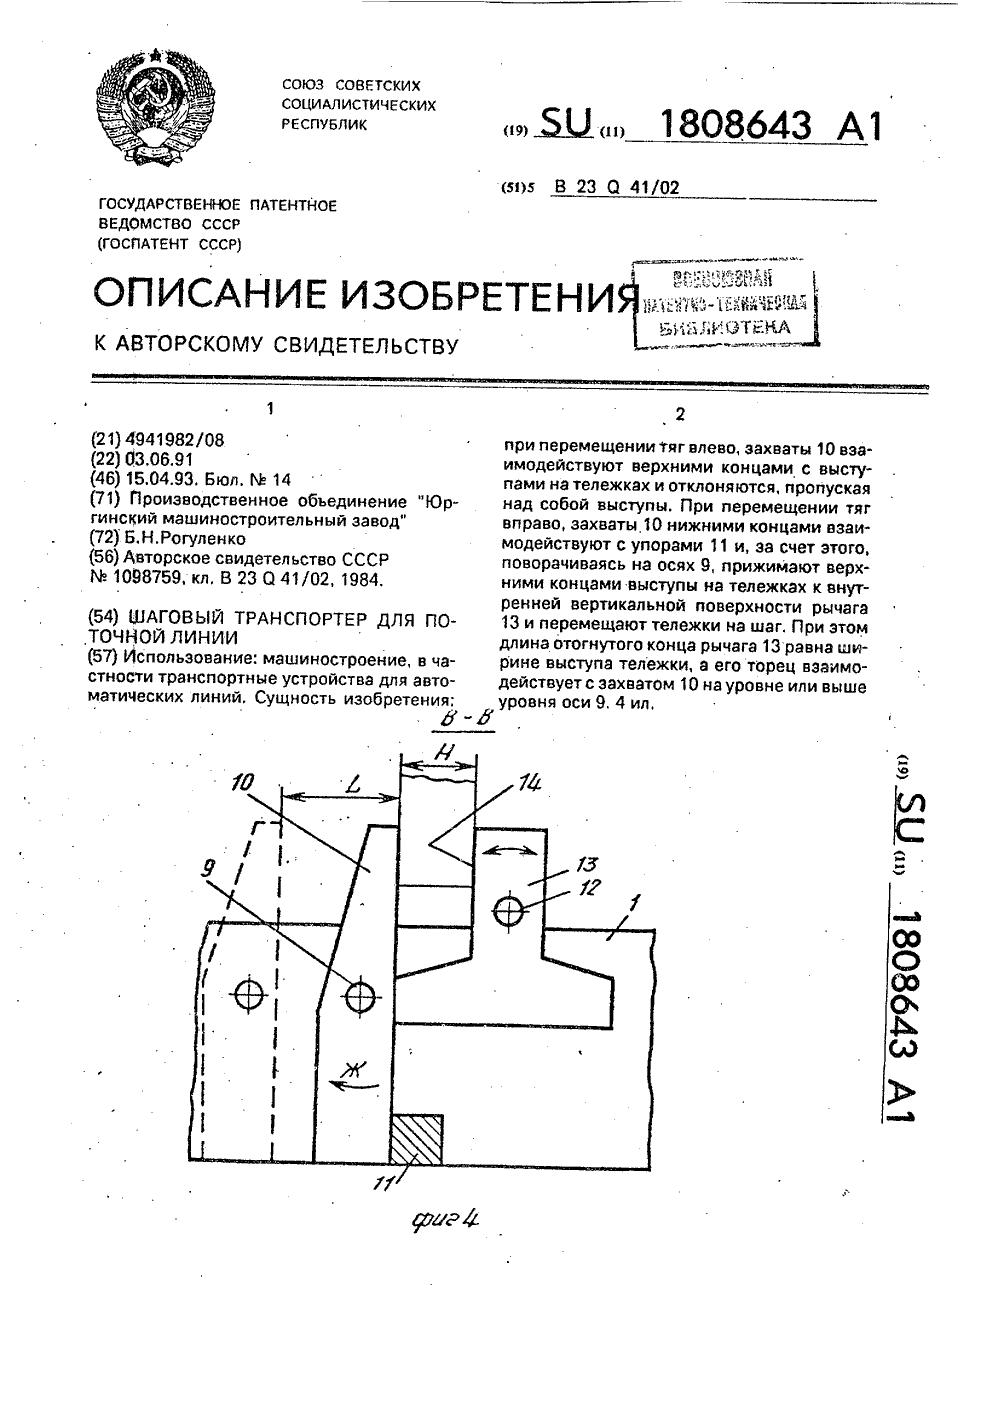 Транспортер поточной линии тамбовская обл элеватор